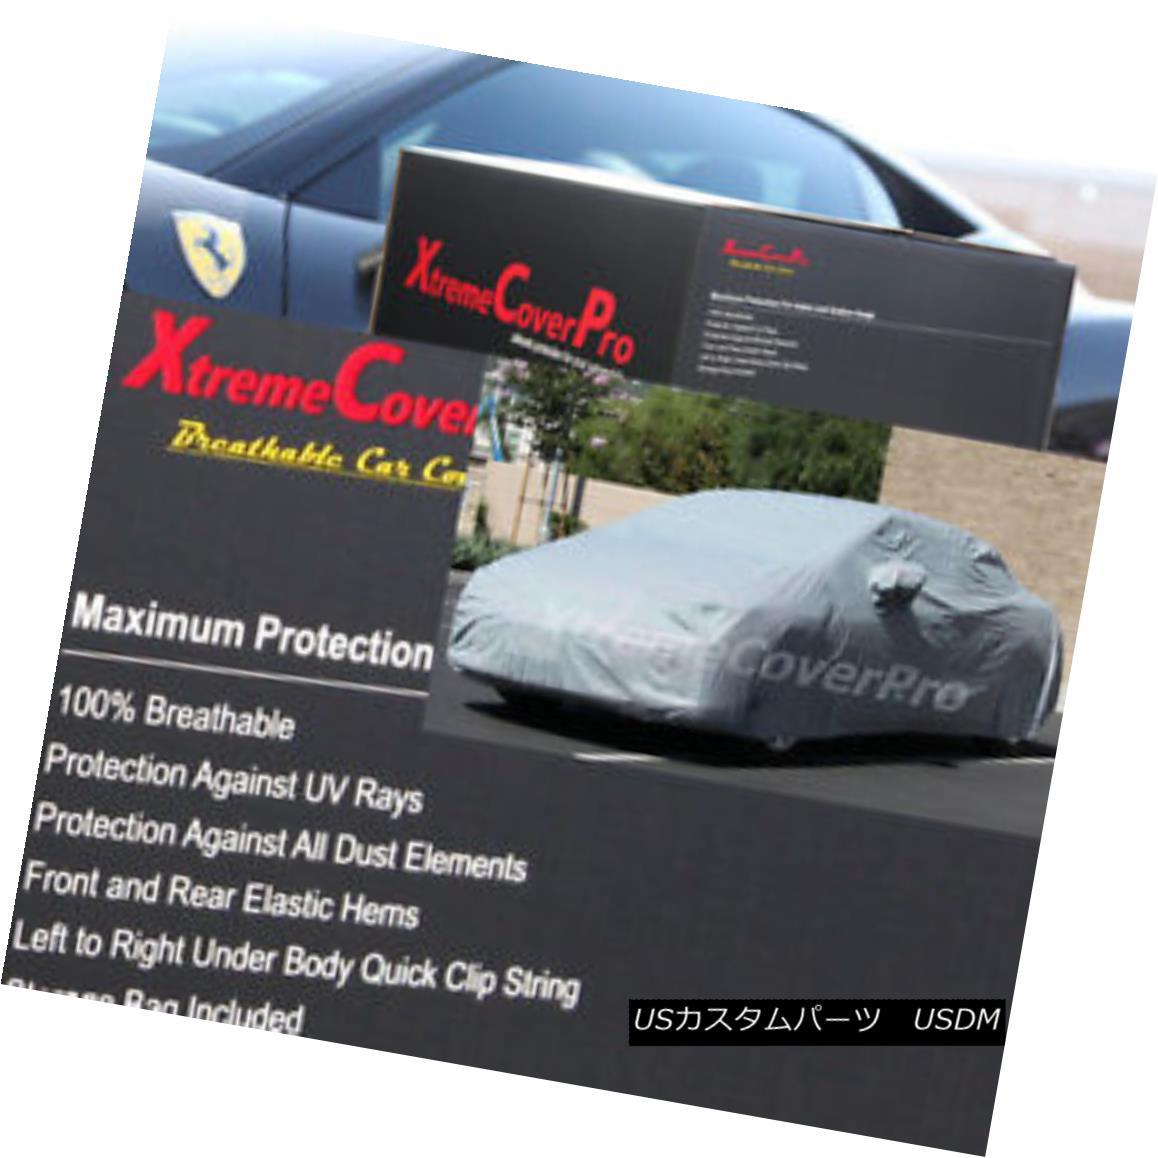 カーカバー 2013 Chrysler 300 Sedan Breathable Car Cover w/MirrorPocket MirrorPocketを搭載した2013年クライスラー300セダンブレスハブルカーカバー